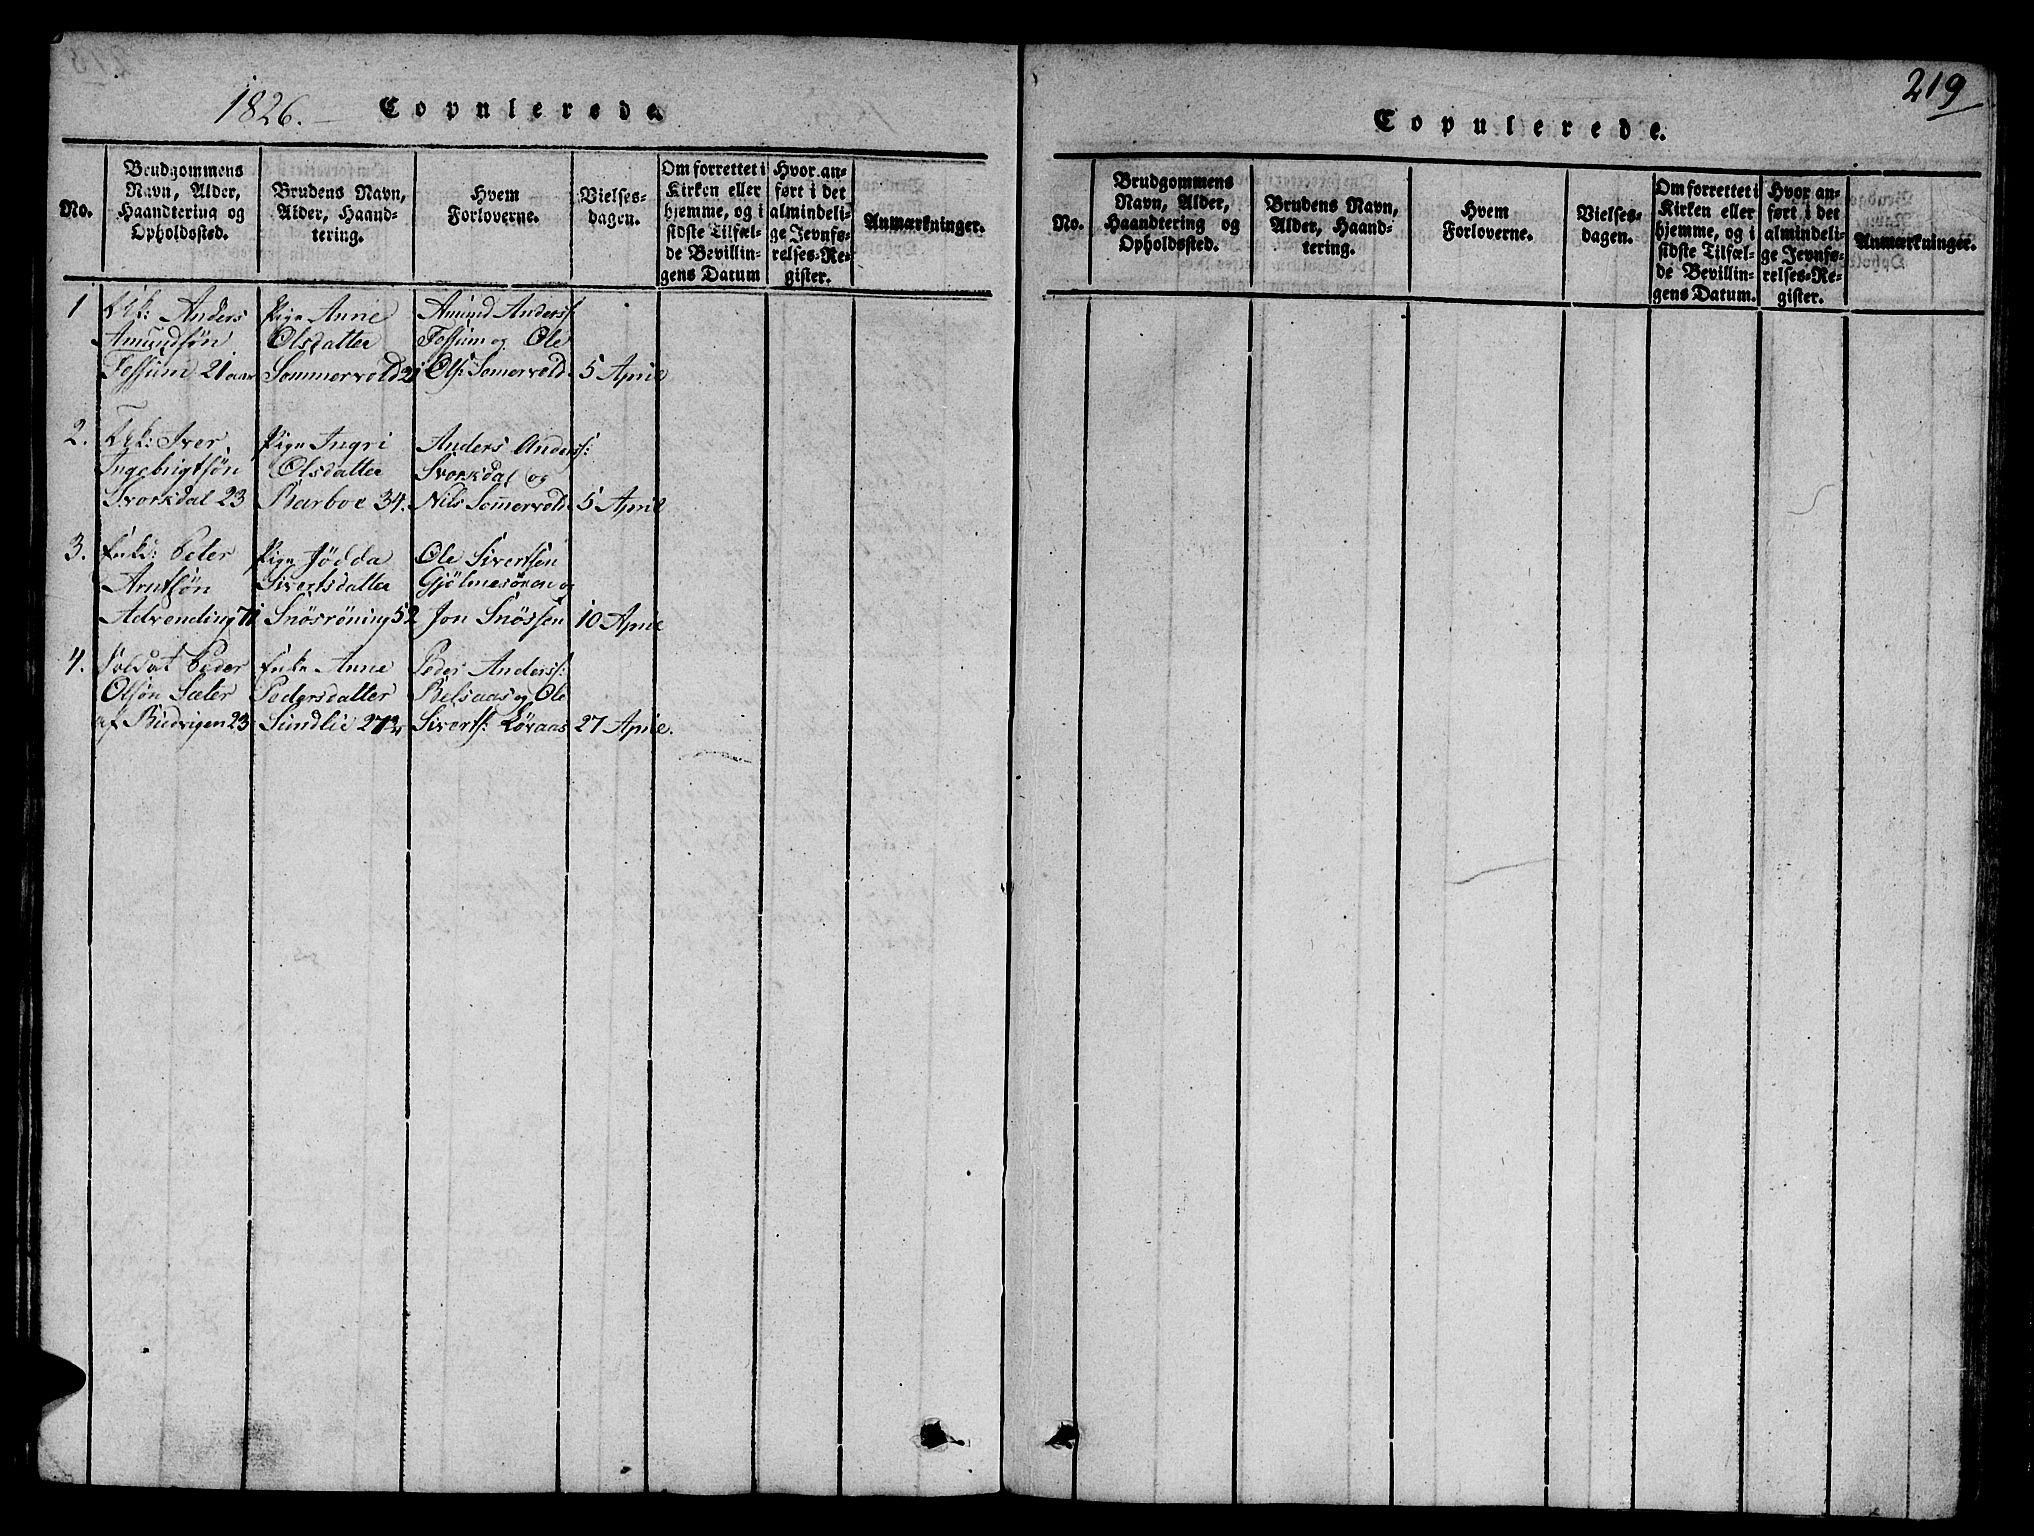 SAT, Ministerialprotokoller, klokkerbøker og fødselsregistre - Sør-Trøndelag, 668/L0803: Ministerialbok nr. 668A03, 1800-1826, s. 219